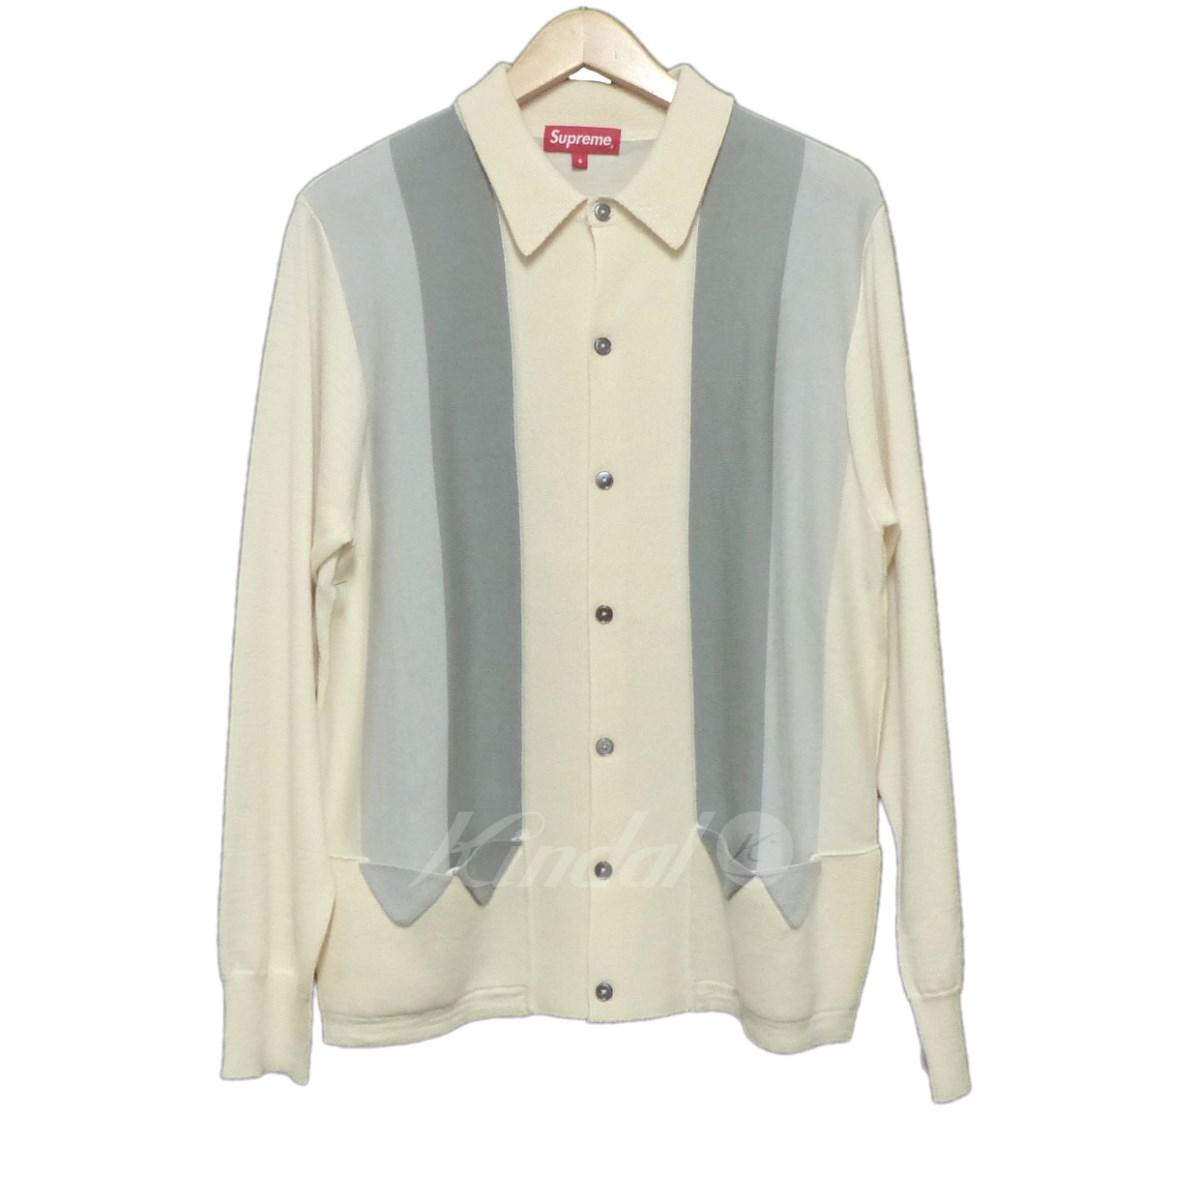 【中古】SUPREME 2017SS ARROWS ASRIPED POLO ニットジャケット ホワイト×グレー サイズ:S 【送料無料】 【281018】(シュプリーム)